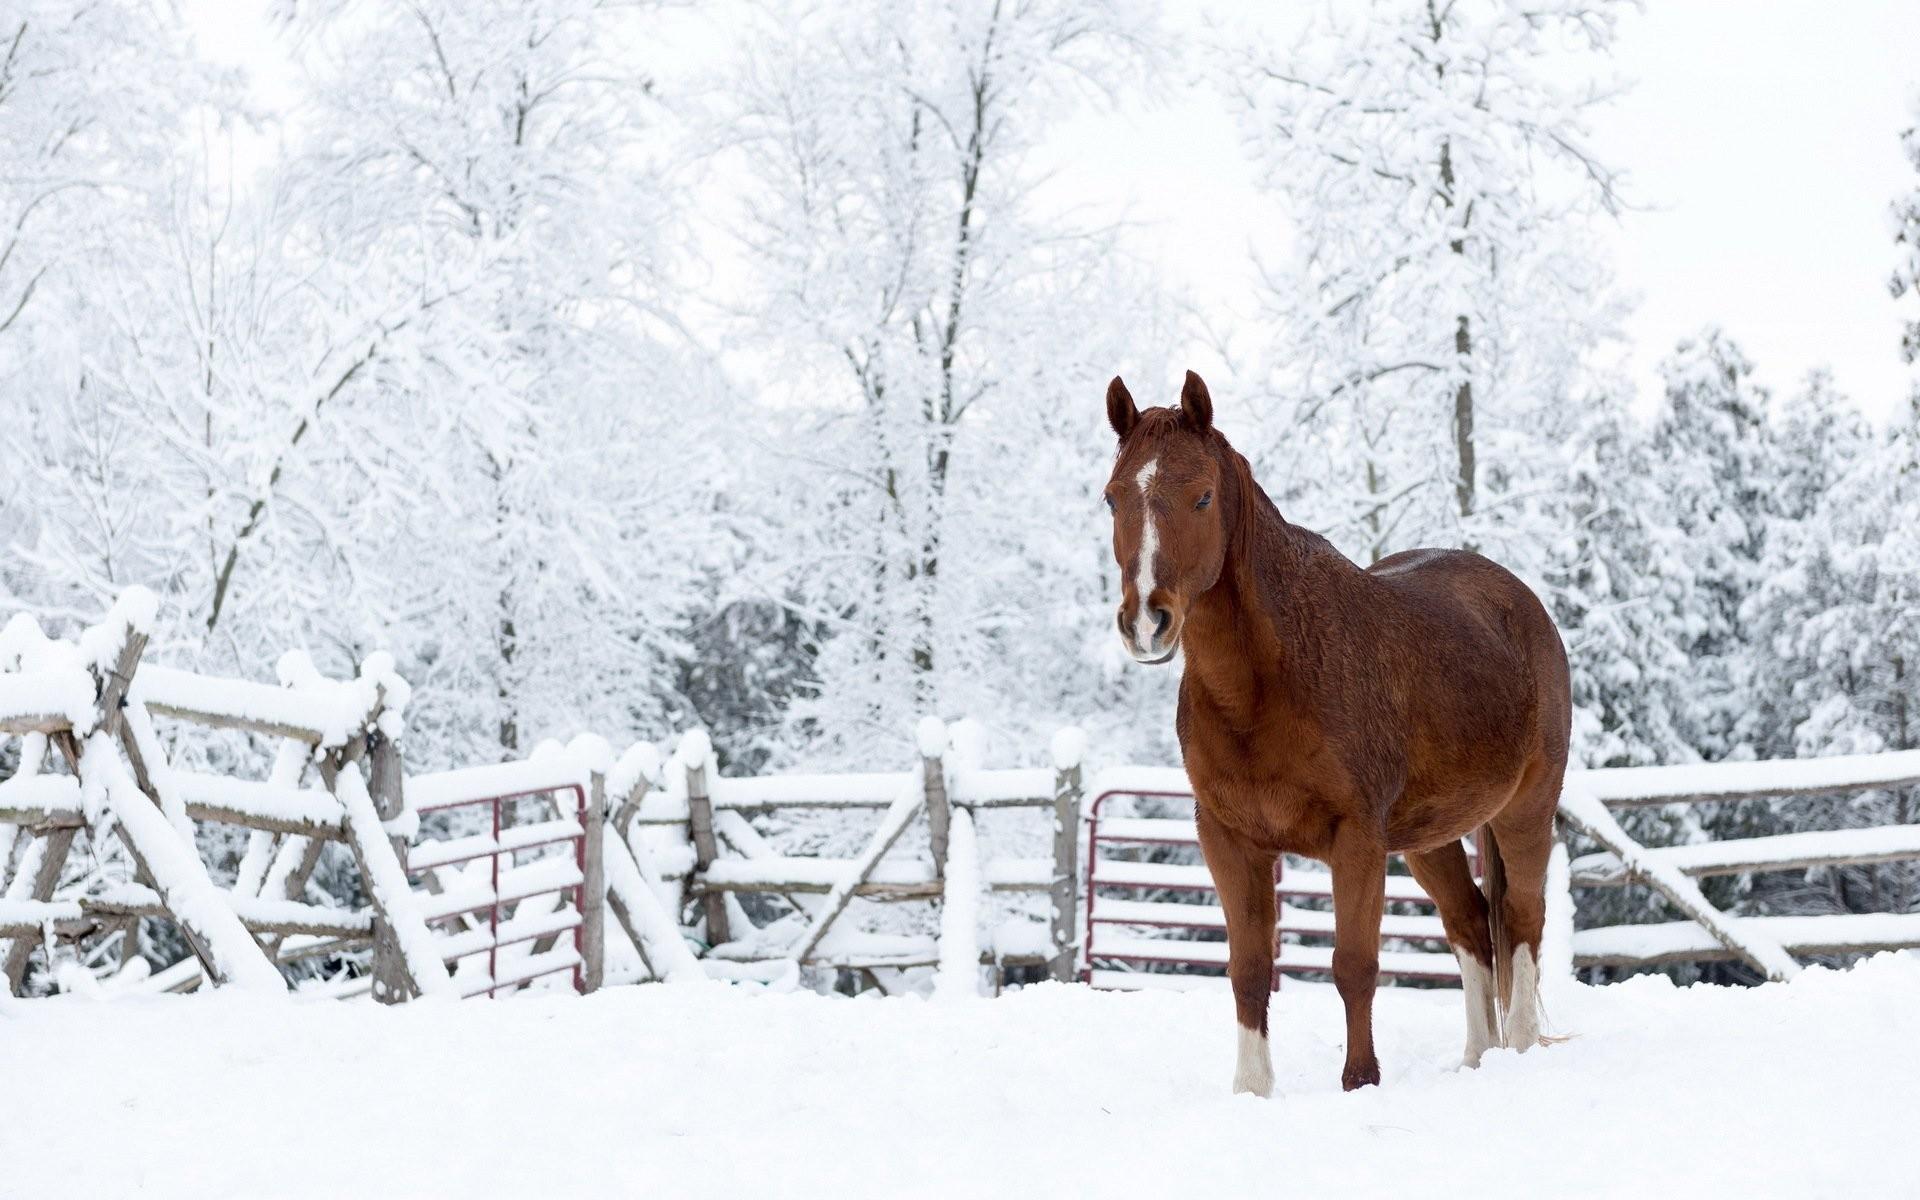 horse snow nature